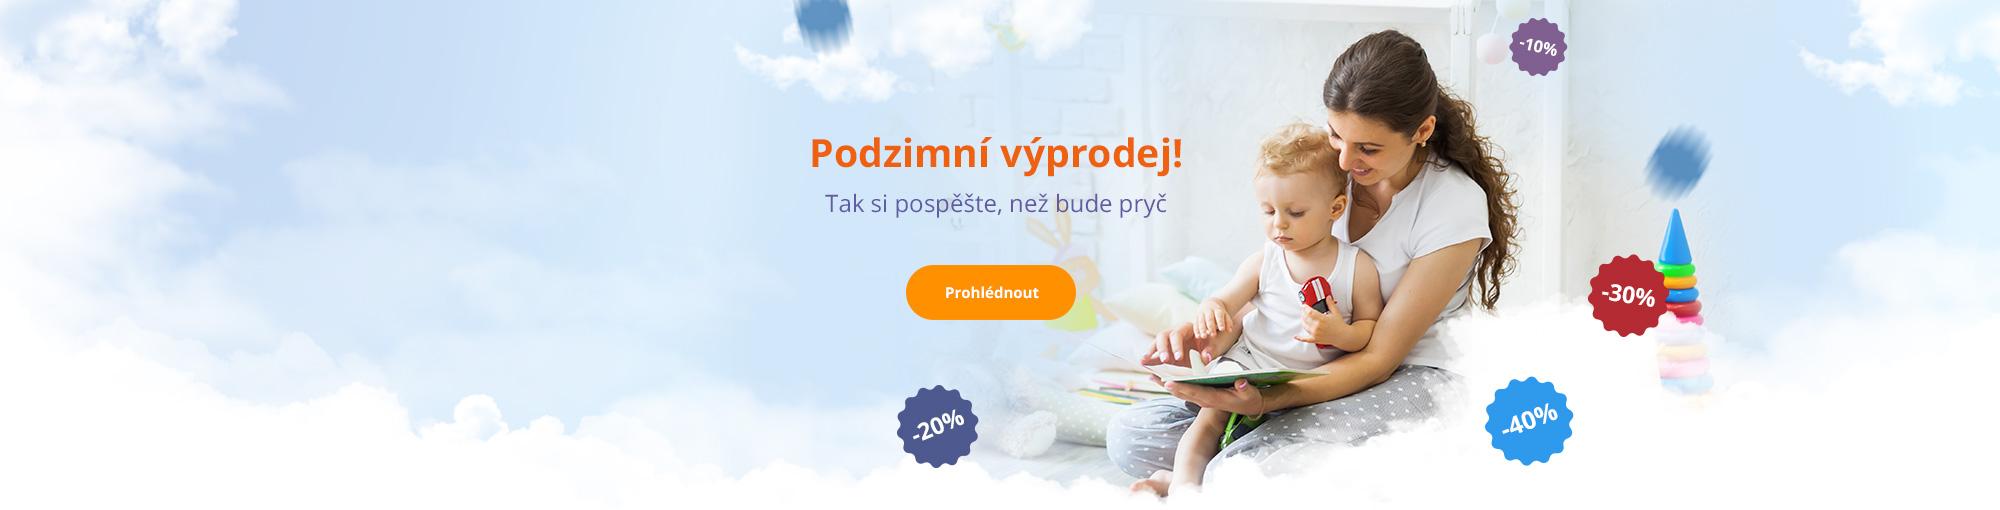 4b8512979d1 Dětský obchod Slůně